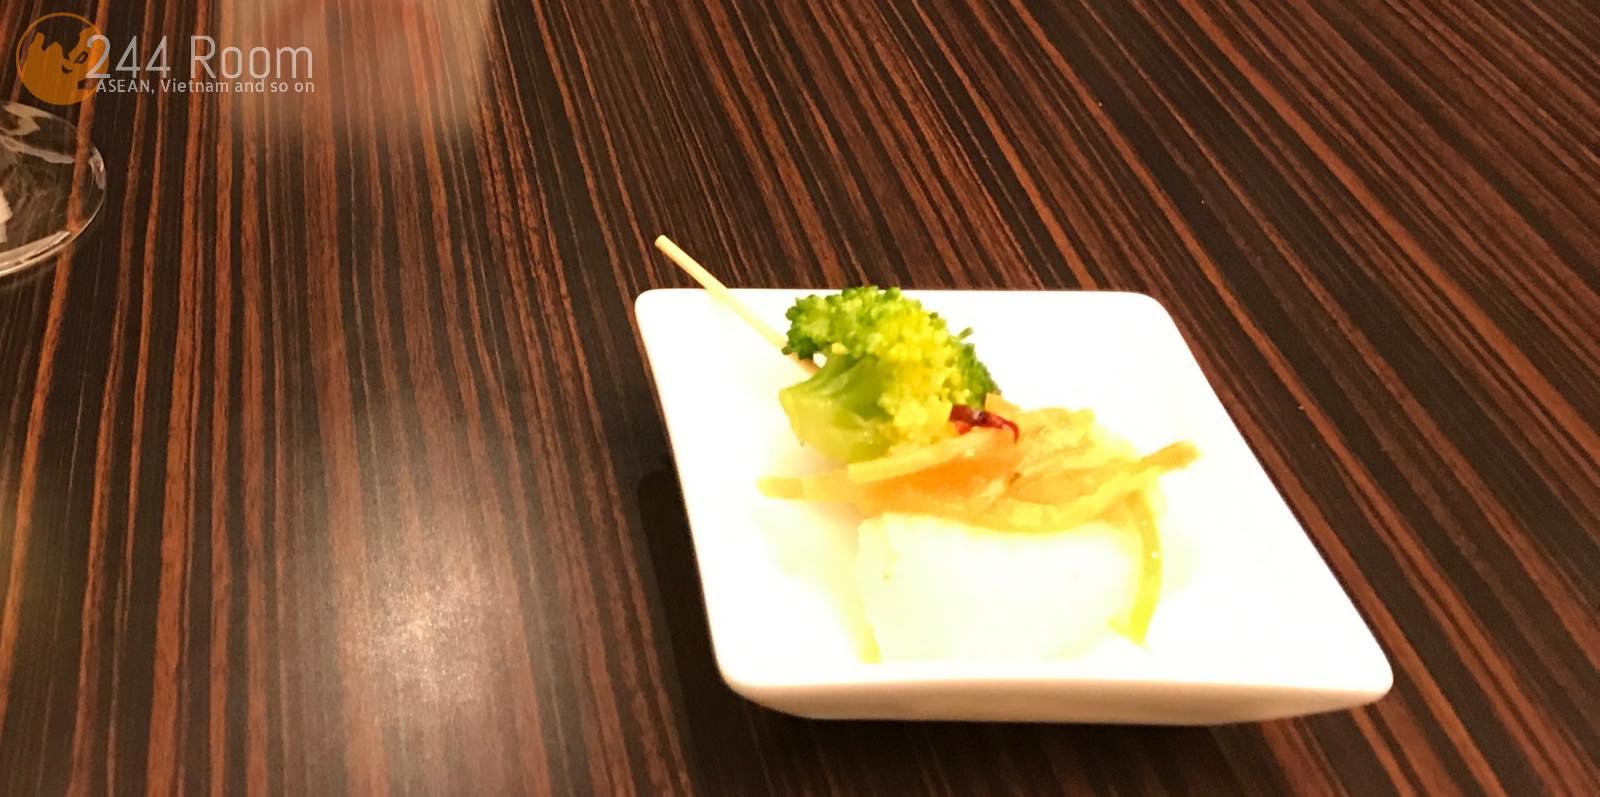 JALファーストクラスラウンジ Firstclass-lounge-narita3